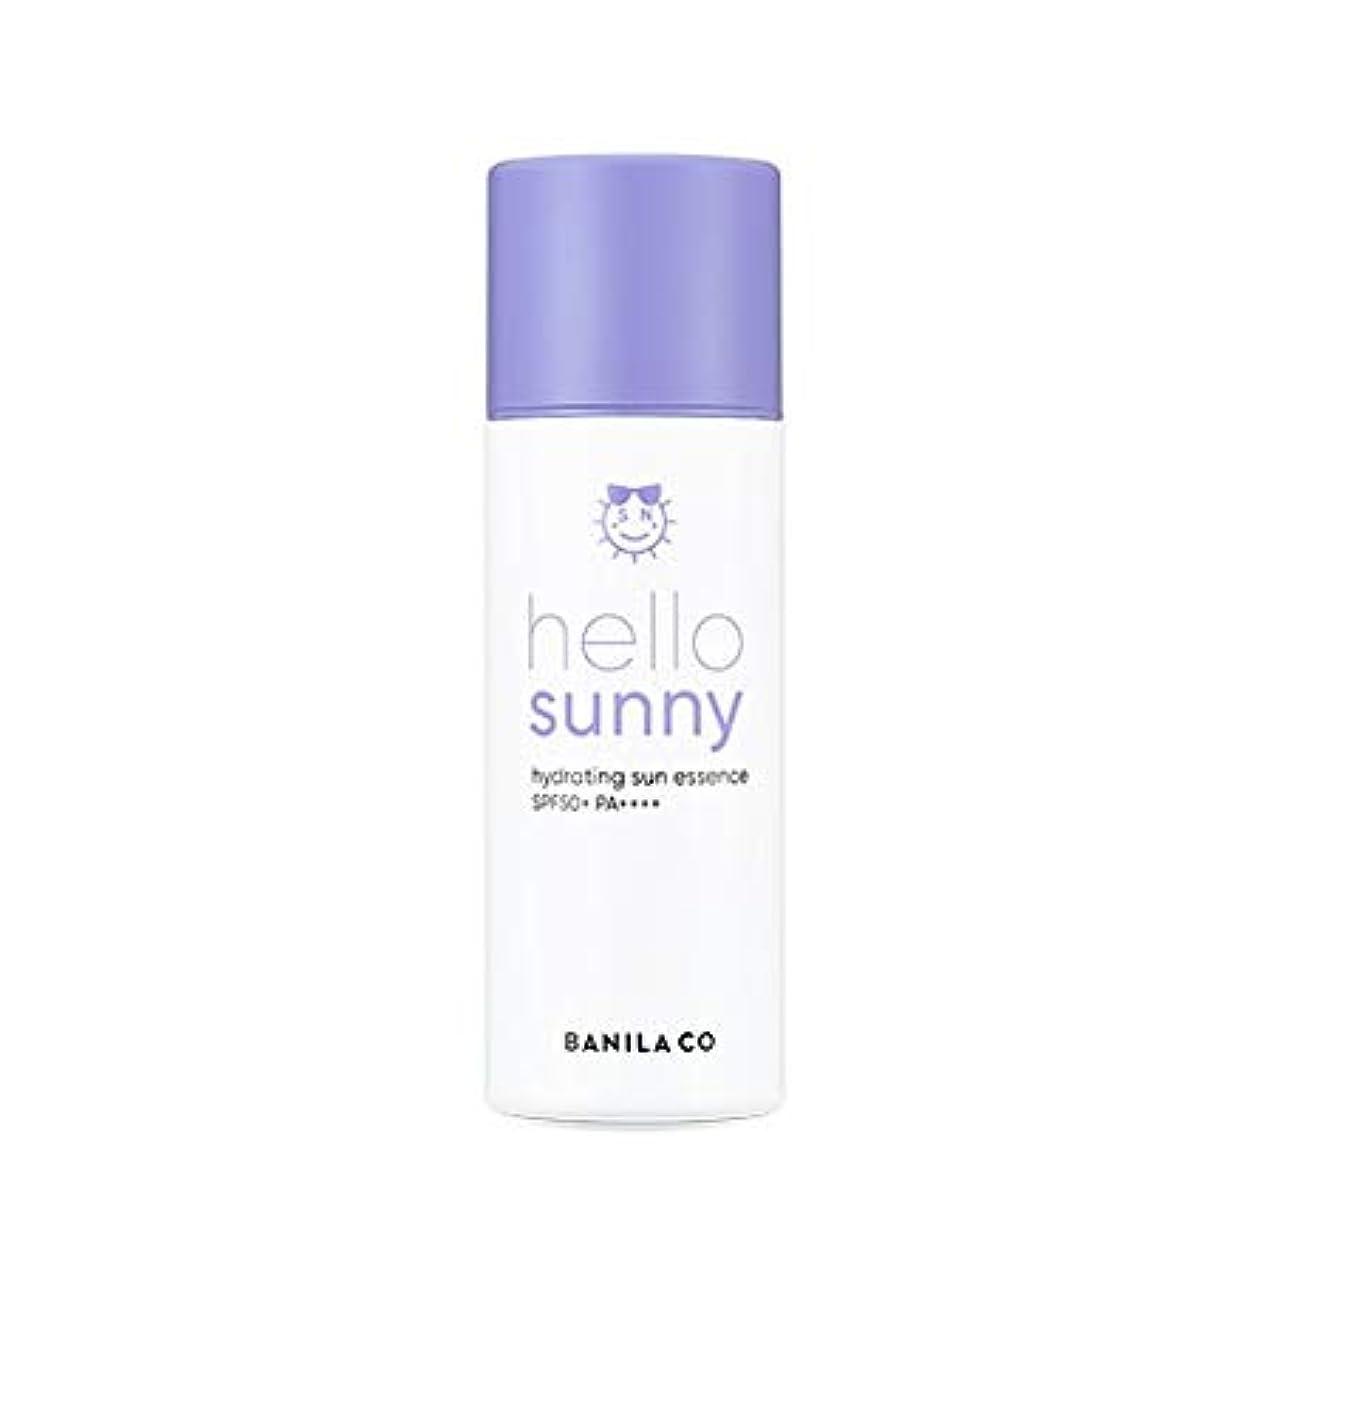 平和な優越どれbanilaco こんにちはサニーハイドレイティングエッセンスサンブロックSPF50 + PA ++++ / Hello Sunny Hydrating Essence Sunblock SPF50 + PA ++++ 50ml [並行輸入品]